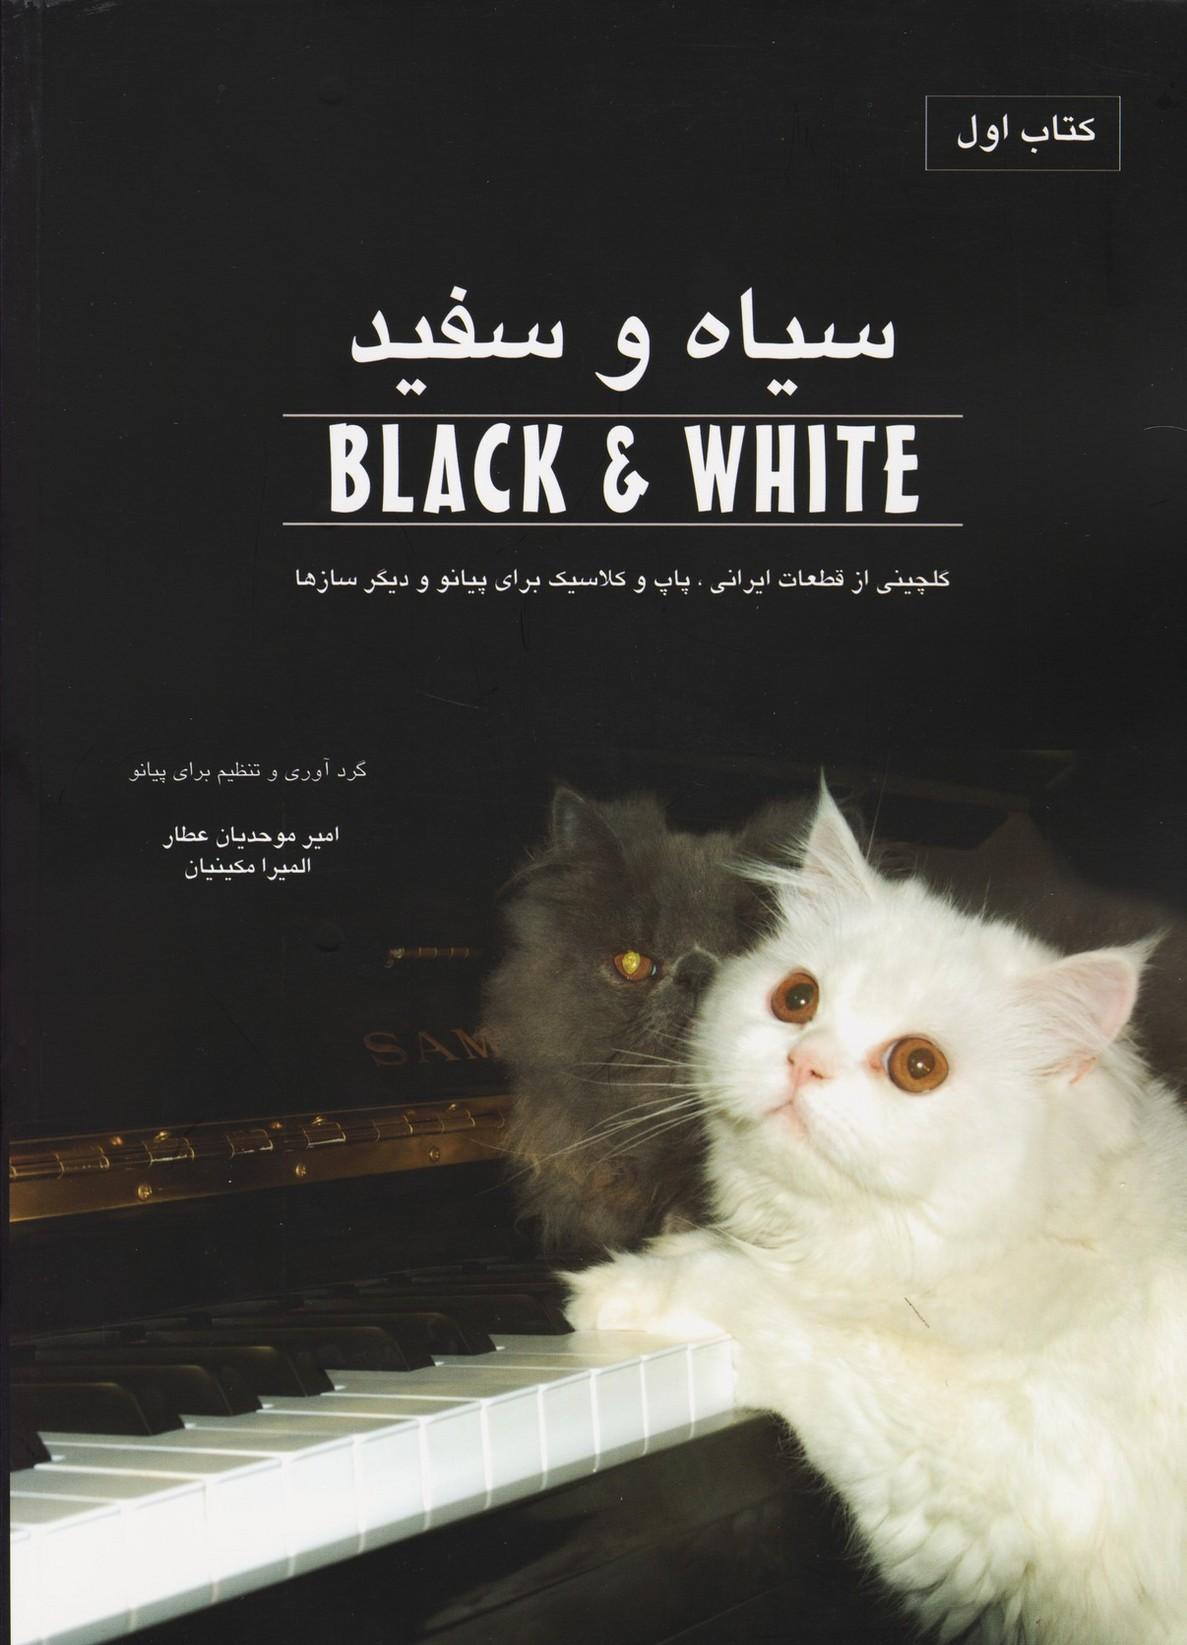 سیاه و سفید: جلد اول/گلچینی از قطعات ایرانی.پاپ و کلاسیک برای پیانو و دیگر سازها